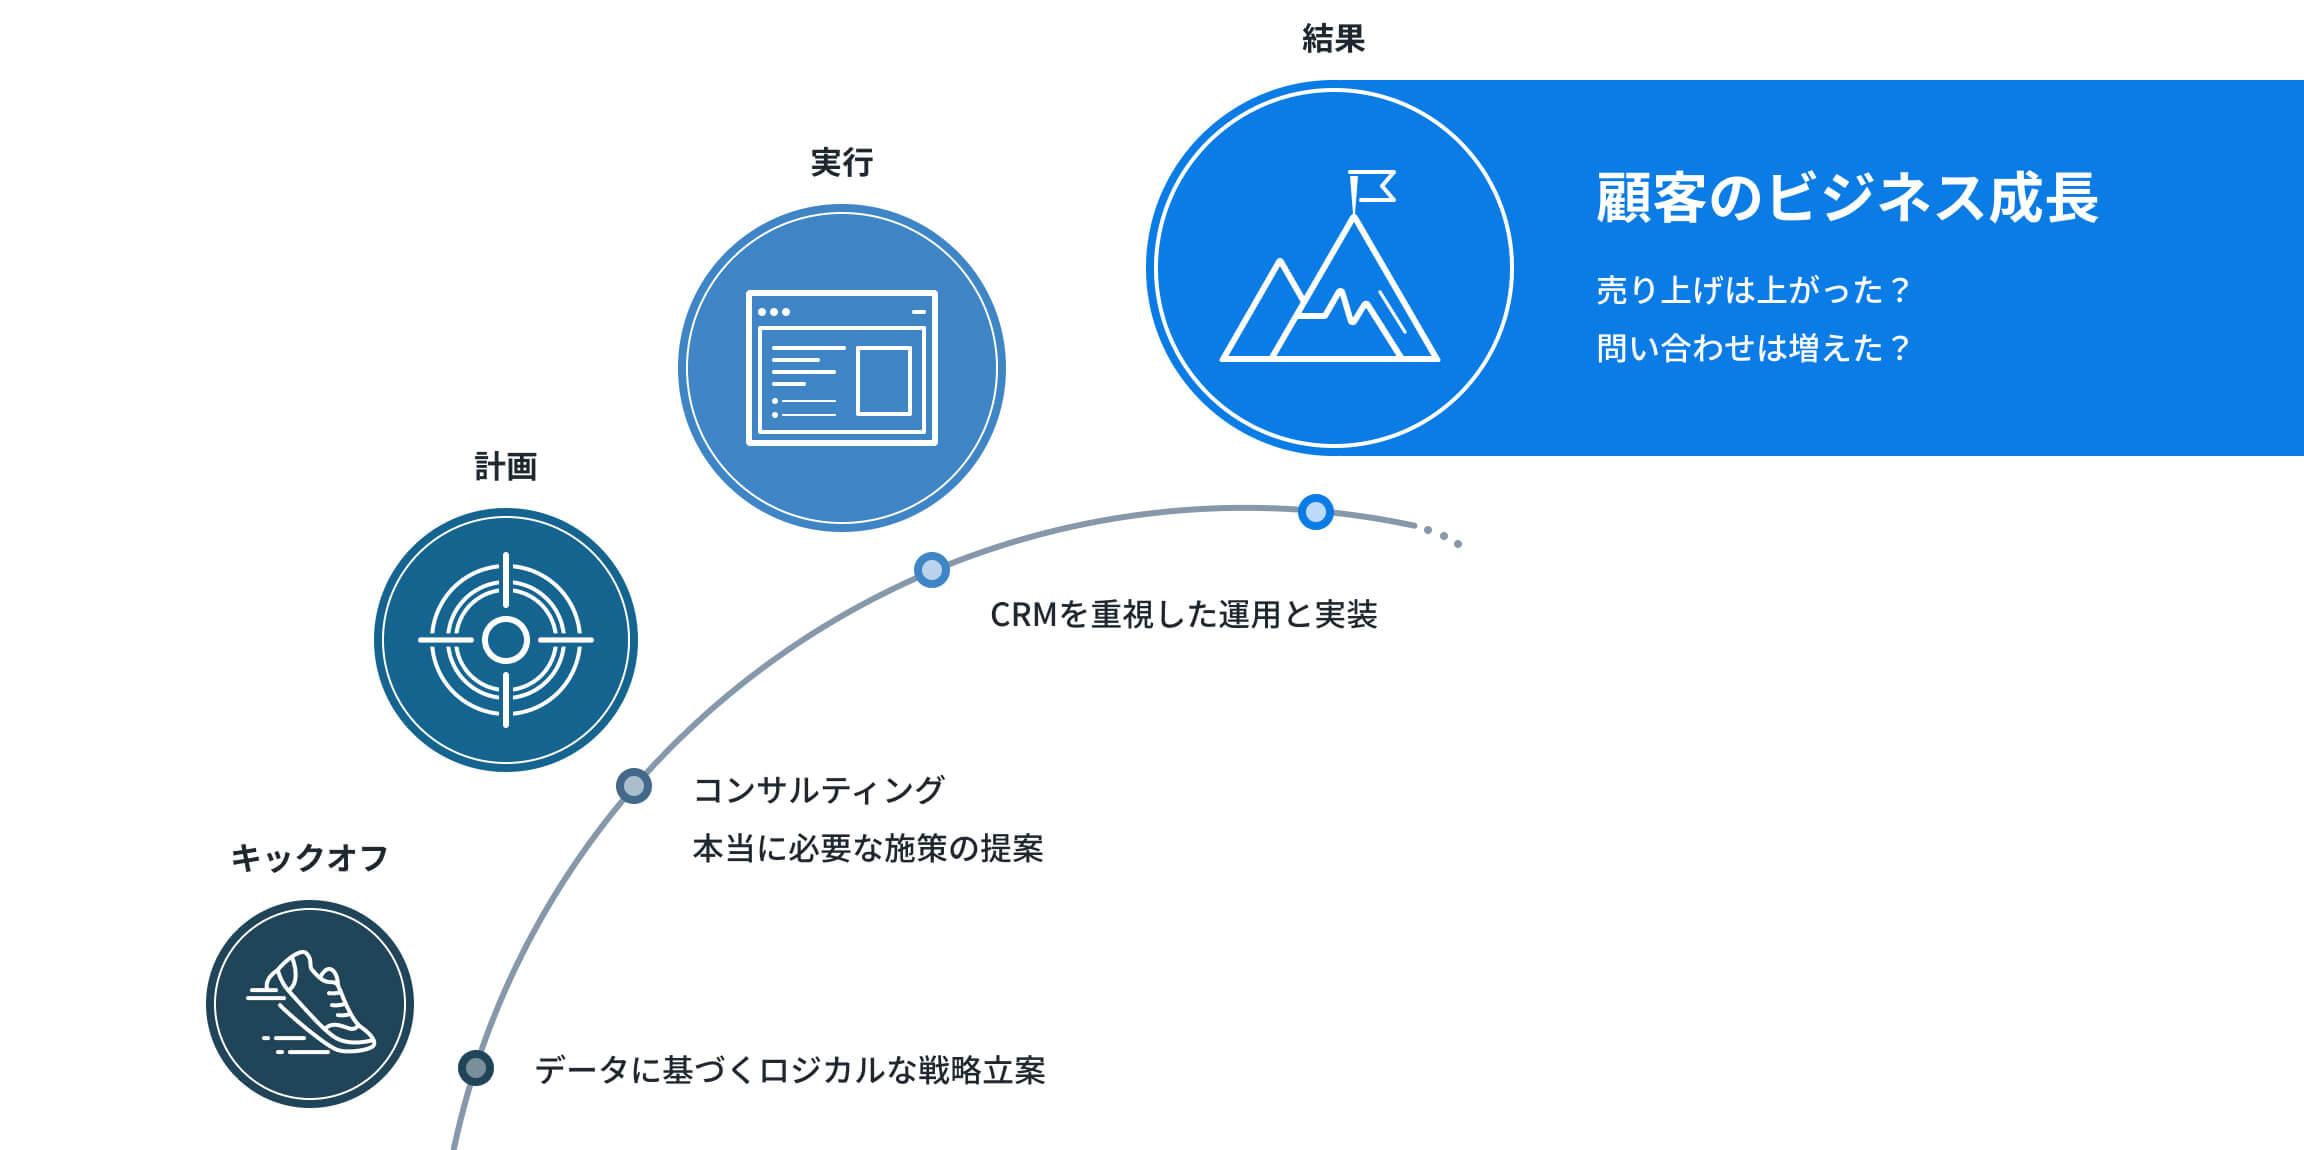 データドリブンなWebマーケティング活動推進を伴走